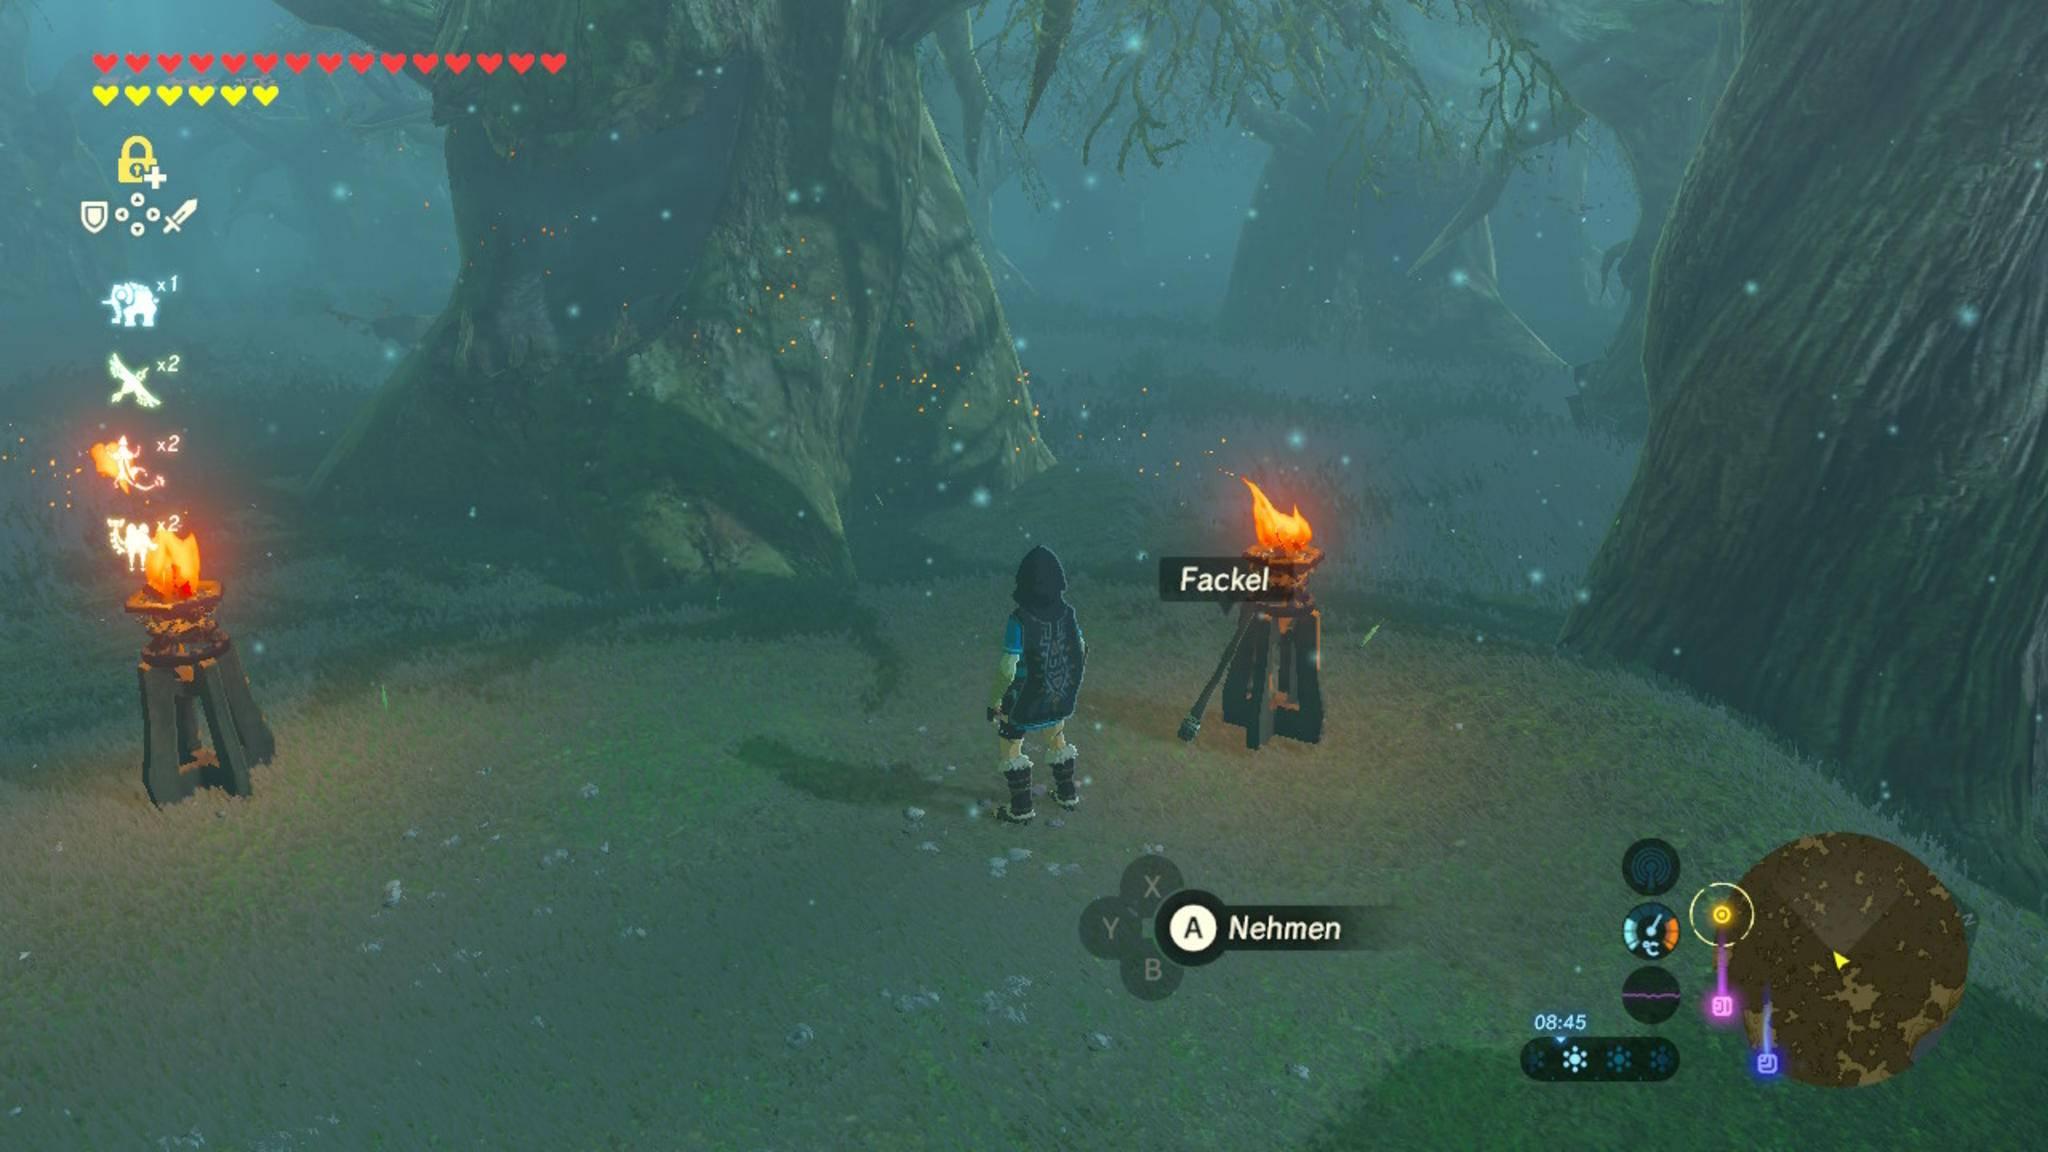 Der zweite Teil des Wegs durch den Verlorenen Wald beginnt bei einer Feuerschale, an der eine Fackel lehnt.